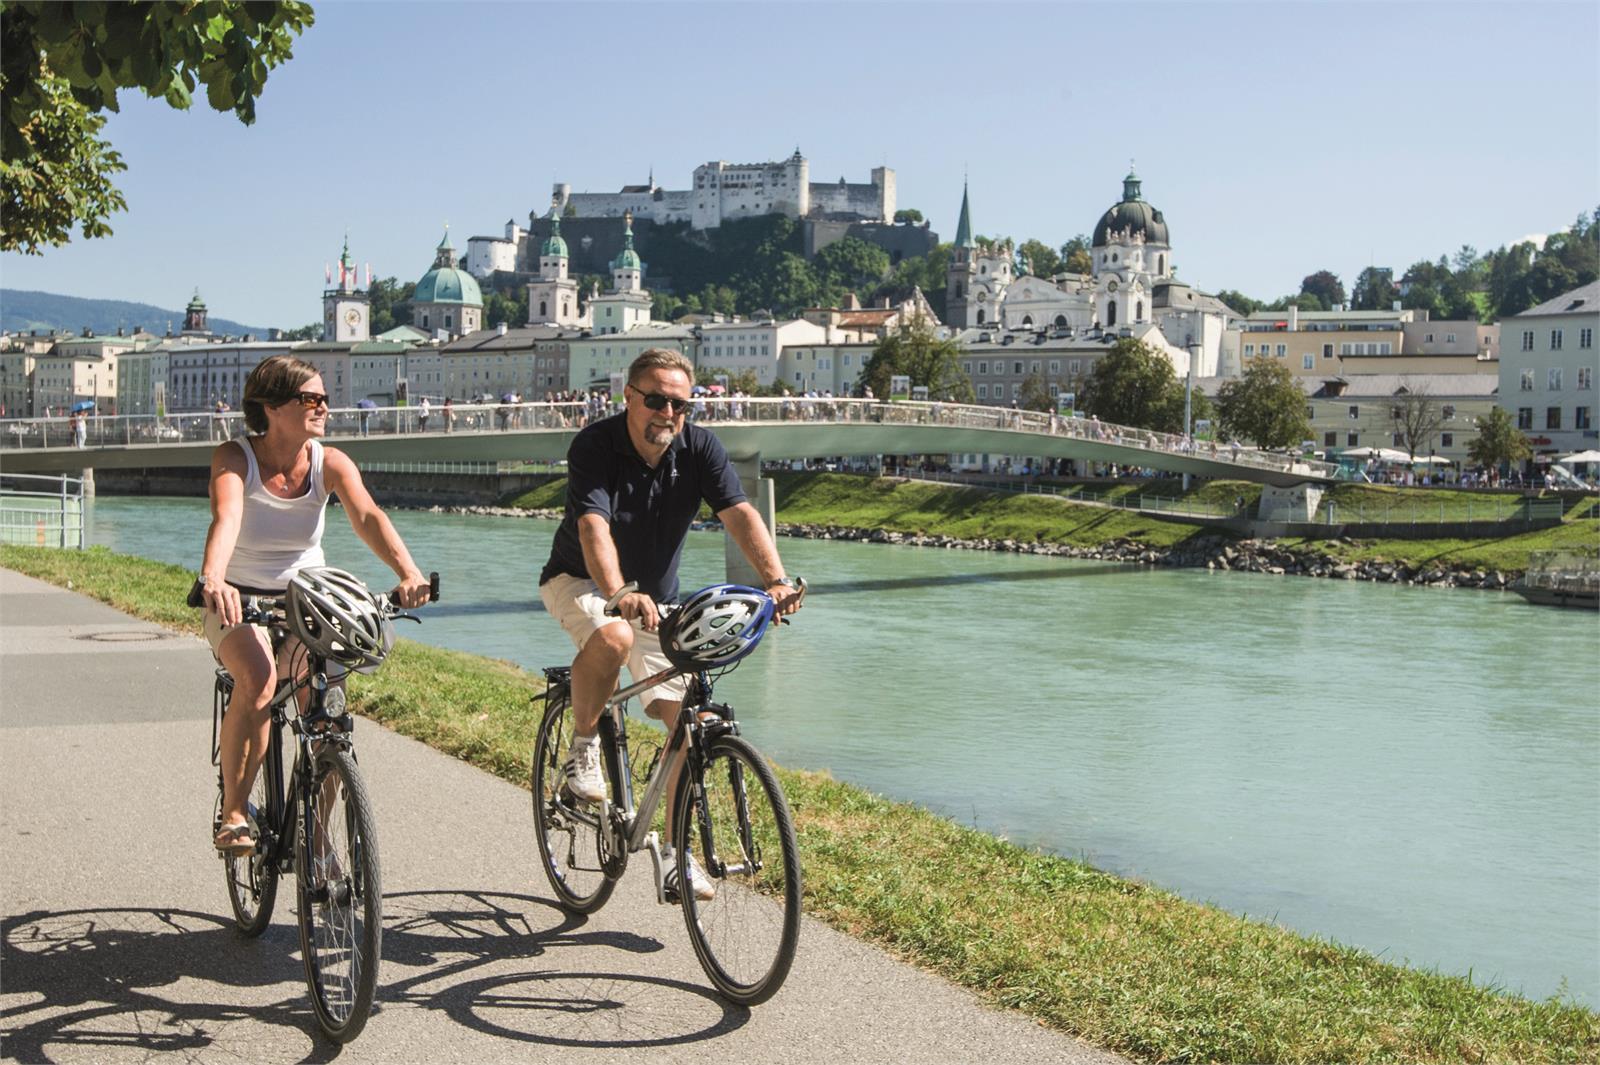 Radausflug in die Stadt Salzburg   ©Tourismus Salzburg - Reinhart Bryan